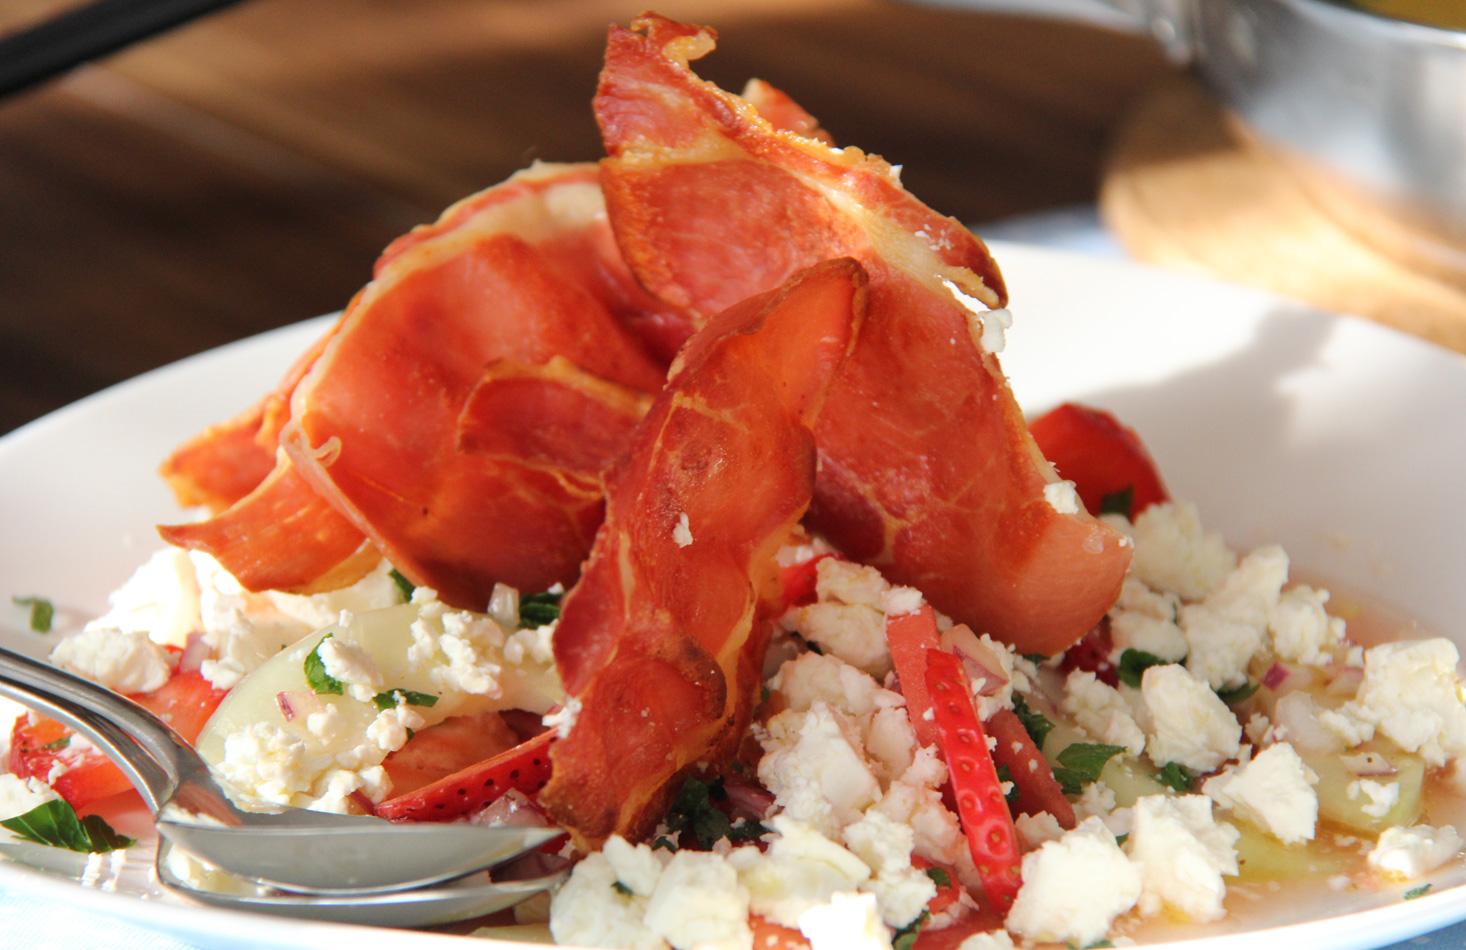 Melonen-Erdbeer Salat mit Prosciutto und Feta